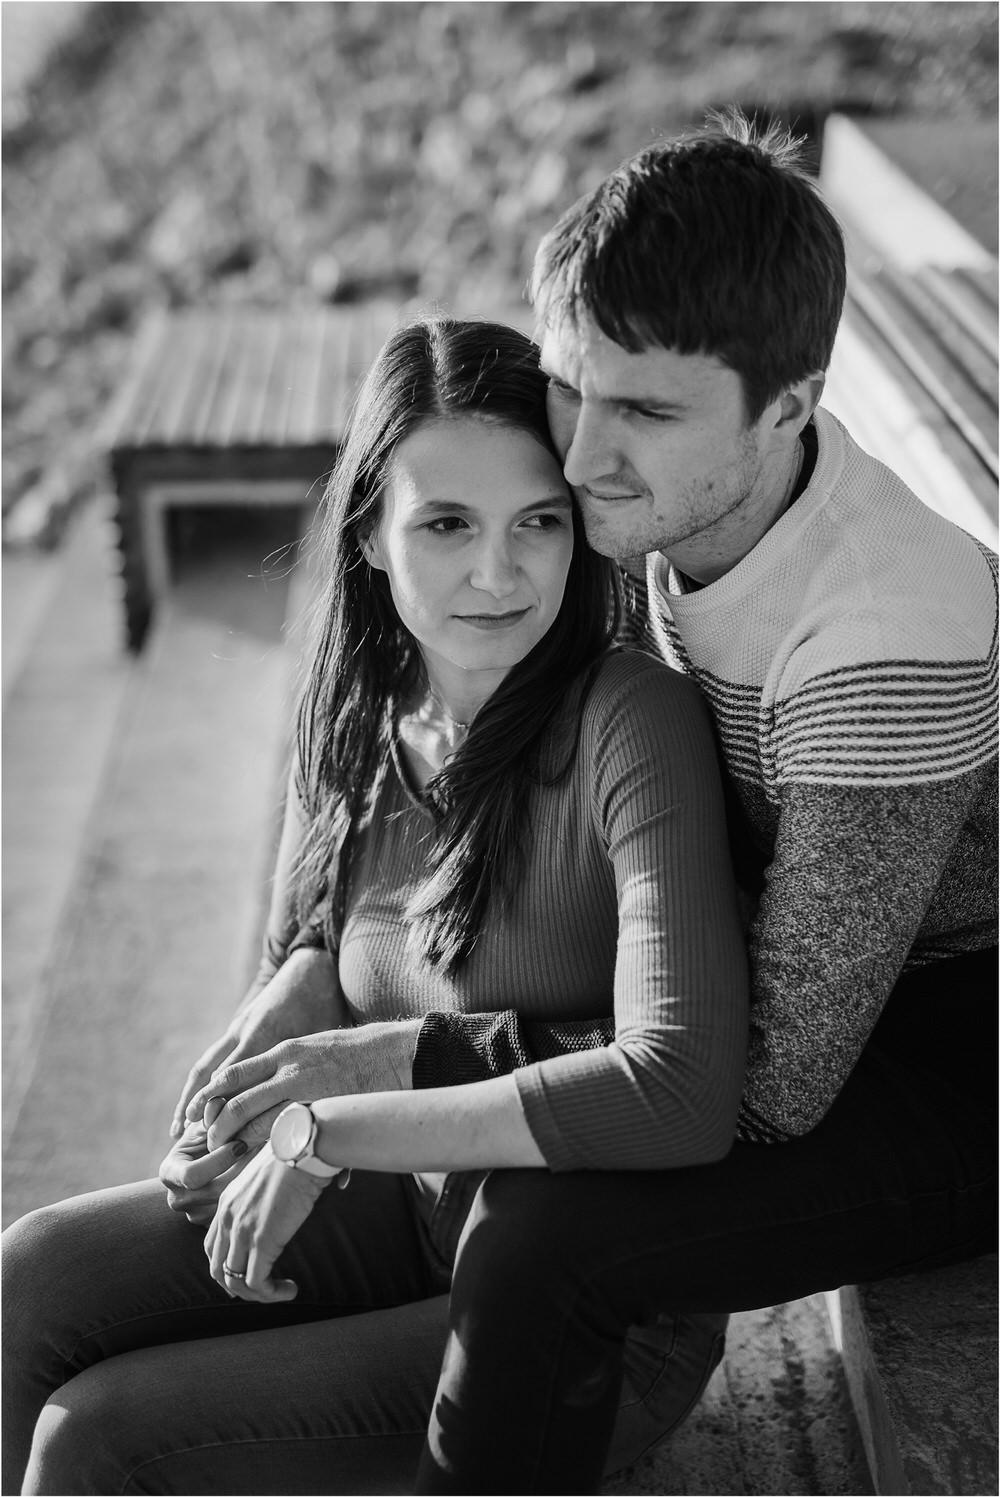 zarocno fotografiranje posavje brezice krsko slovenija poroka porocni fotograf sprosceno nasmejano naravno zaroka tri lucke  0028.jpg